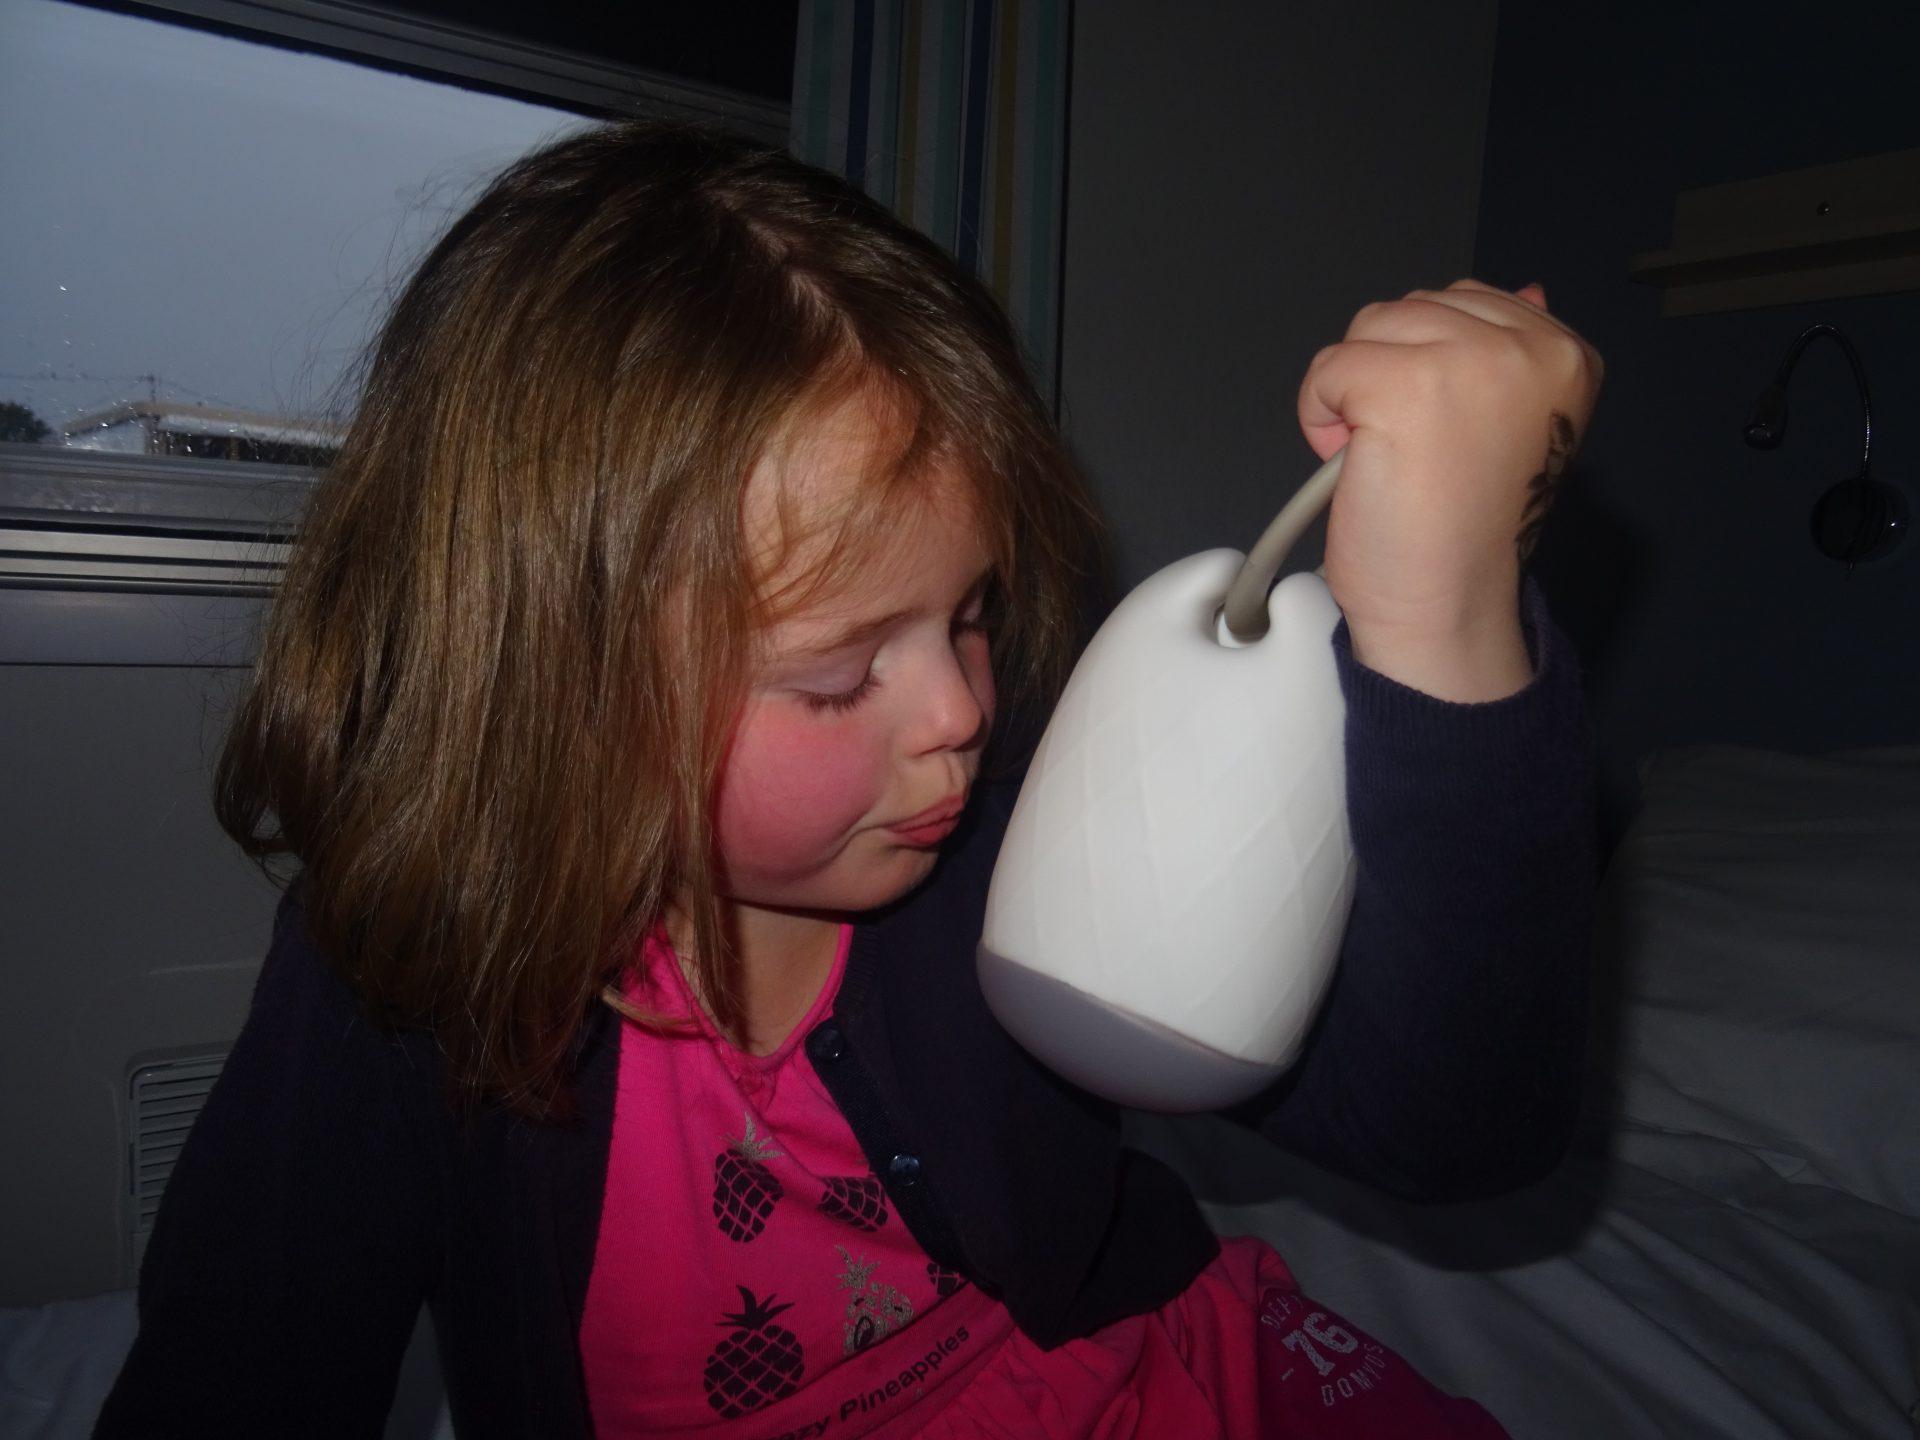 Une lanterne magique pour enfant – Pabobo